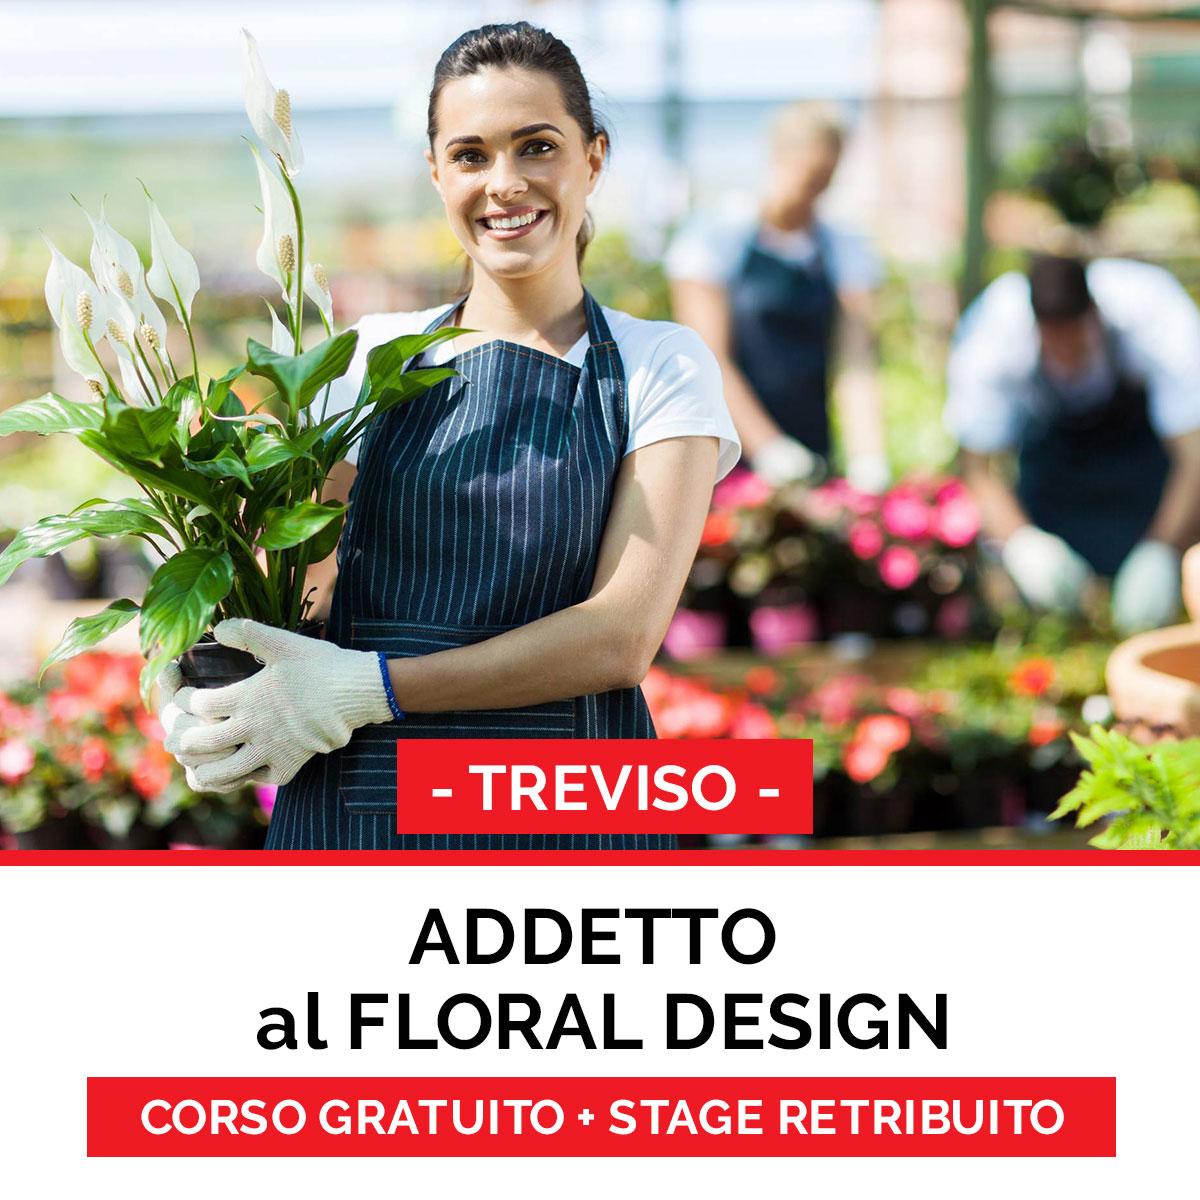 ADDETTO-floral design